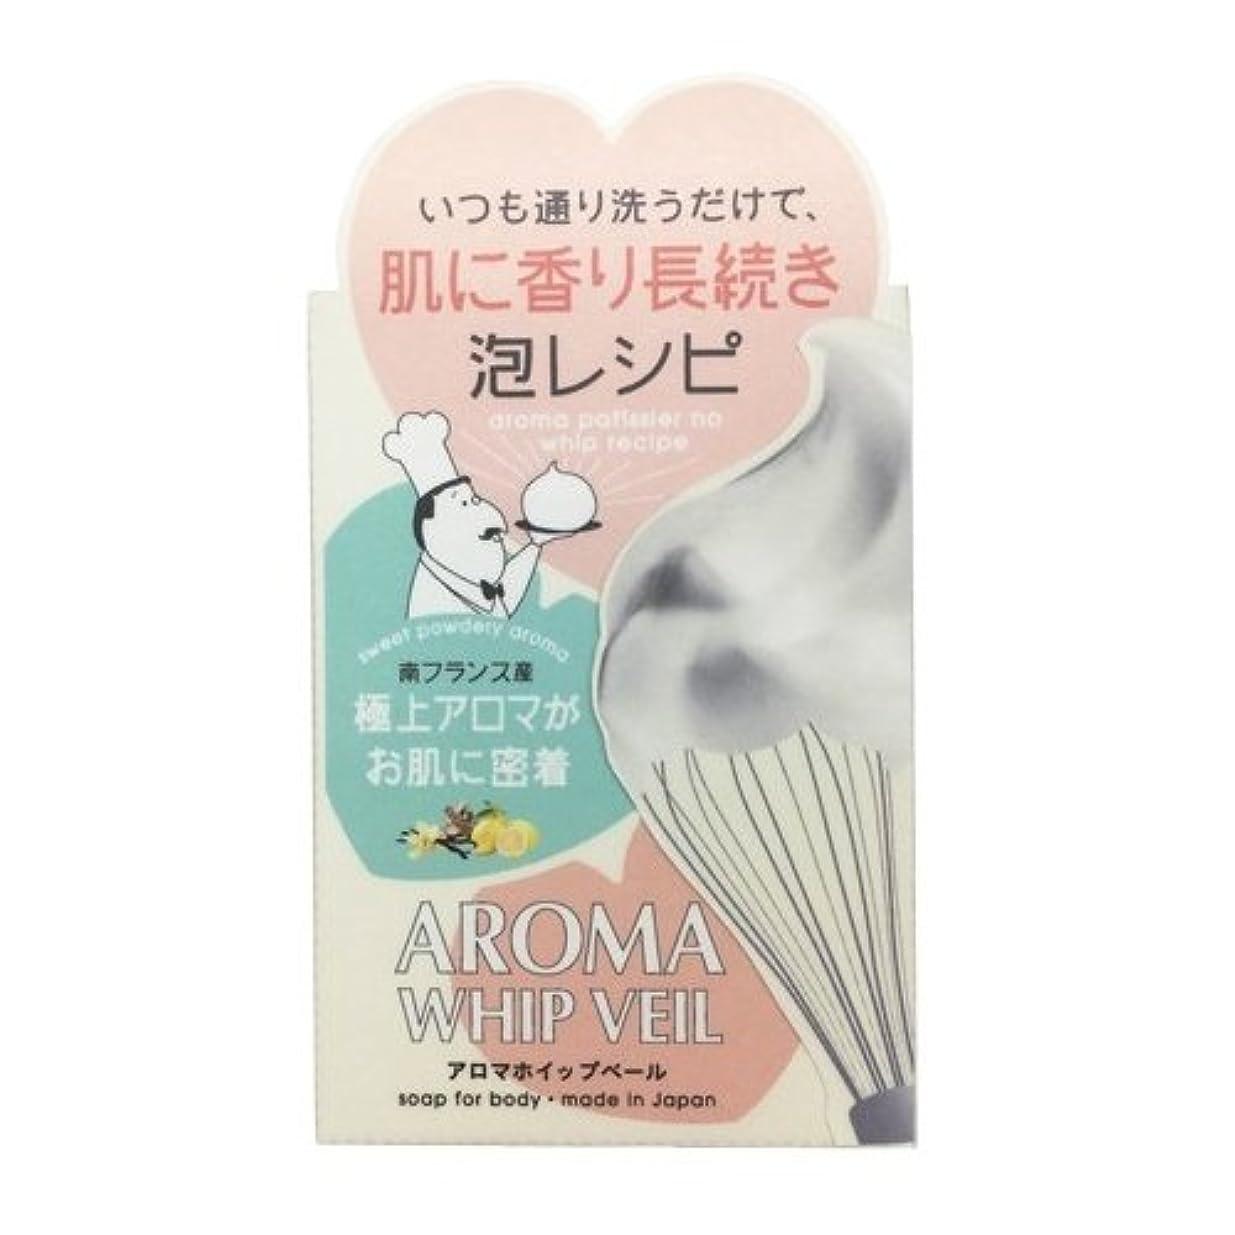 尊敬するキモいジャンクションペリカン石鹸 アロマホイップベール石鹸 100g